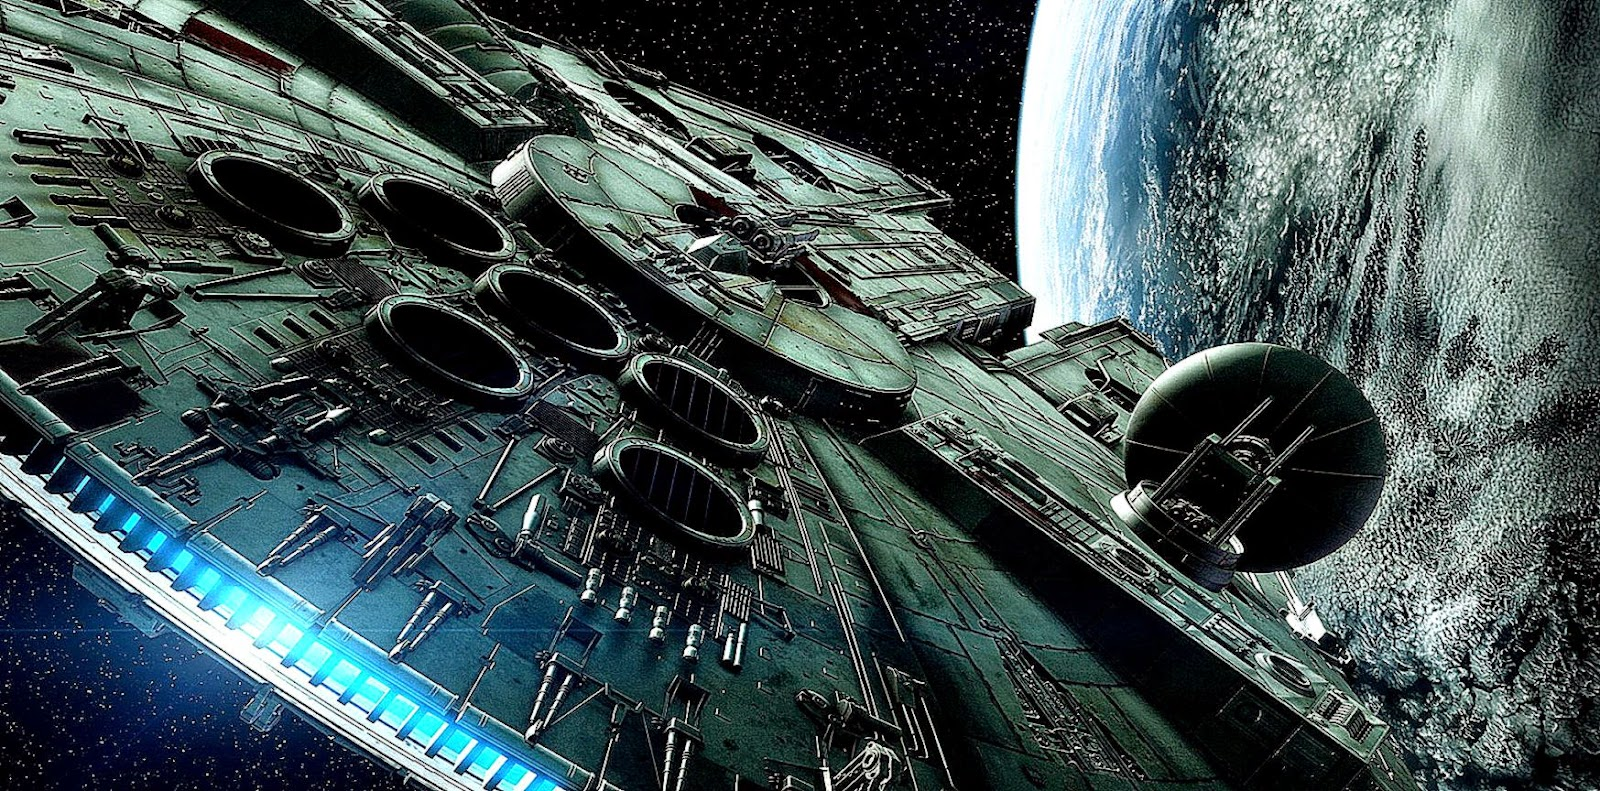 すごい大きい宇宙船